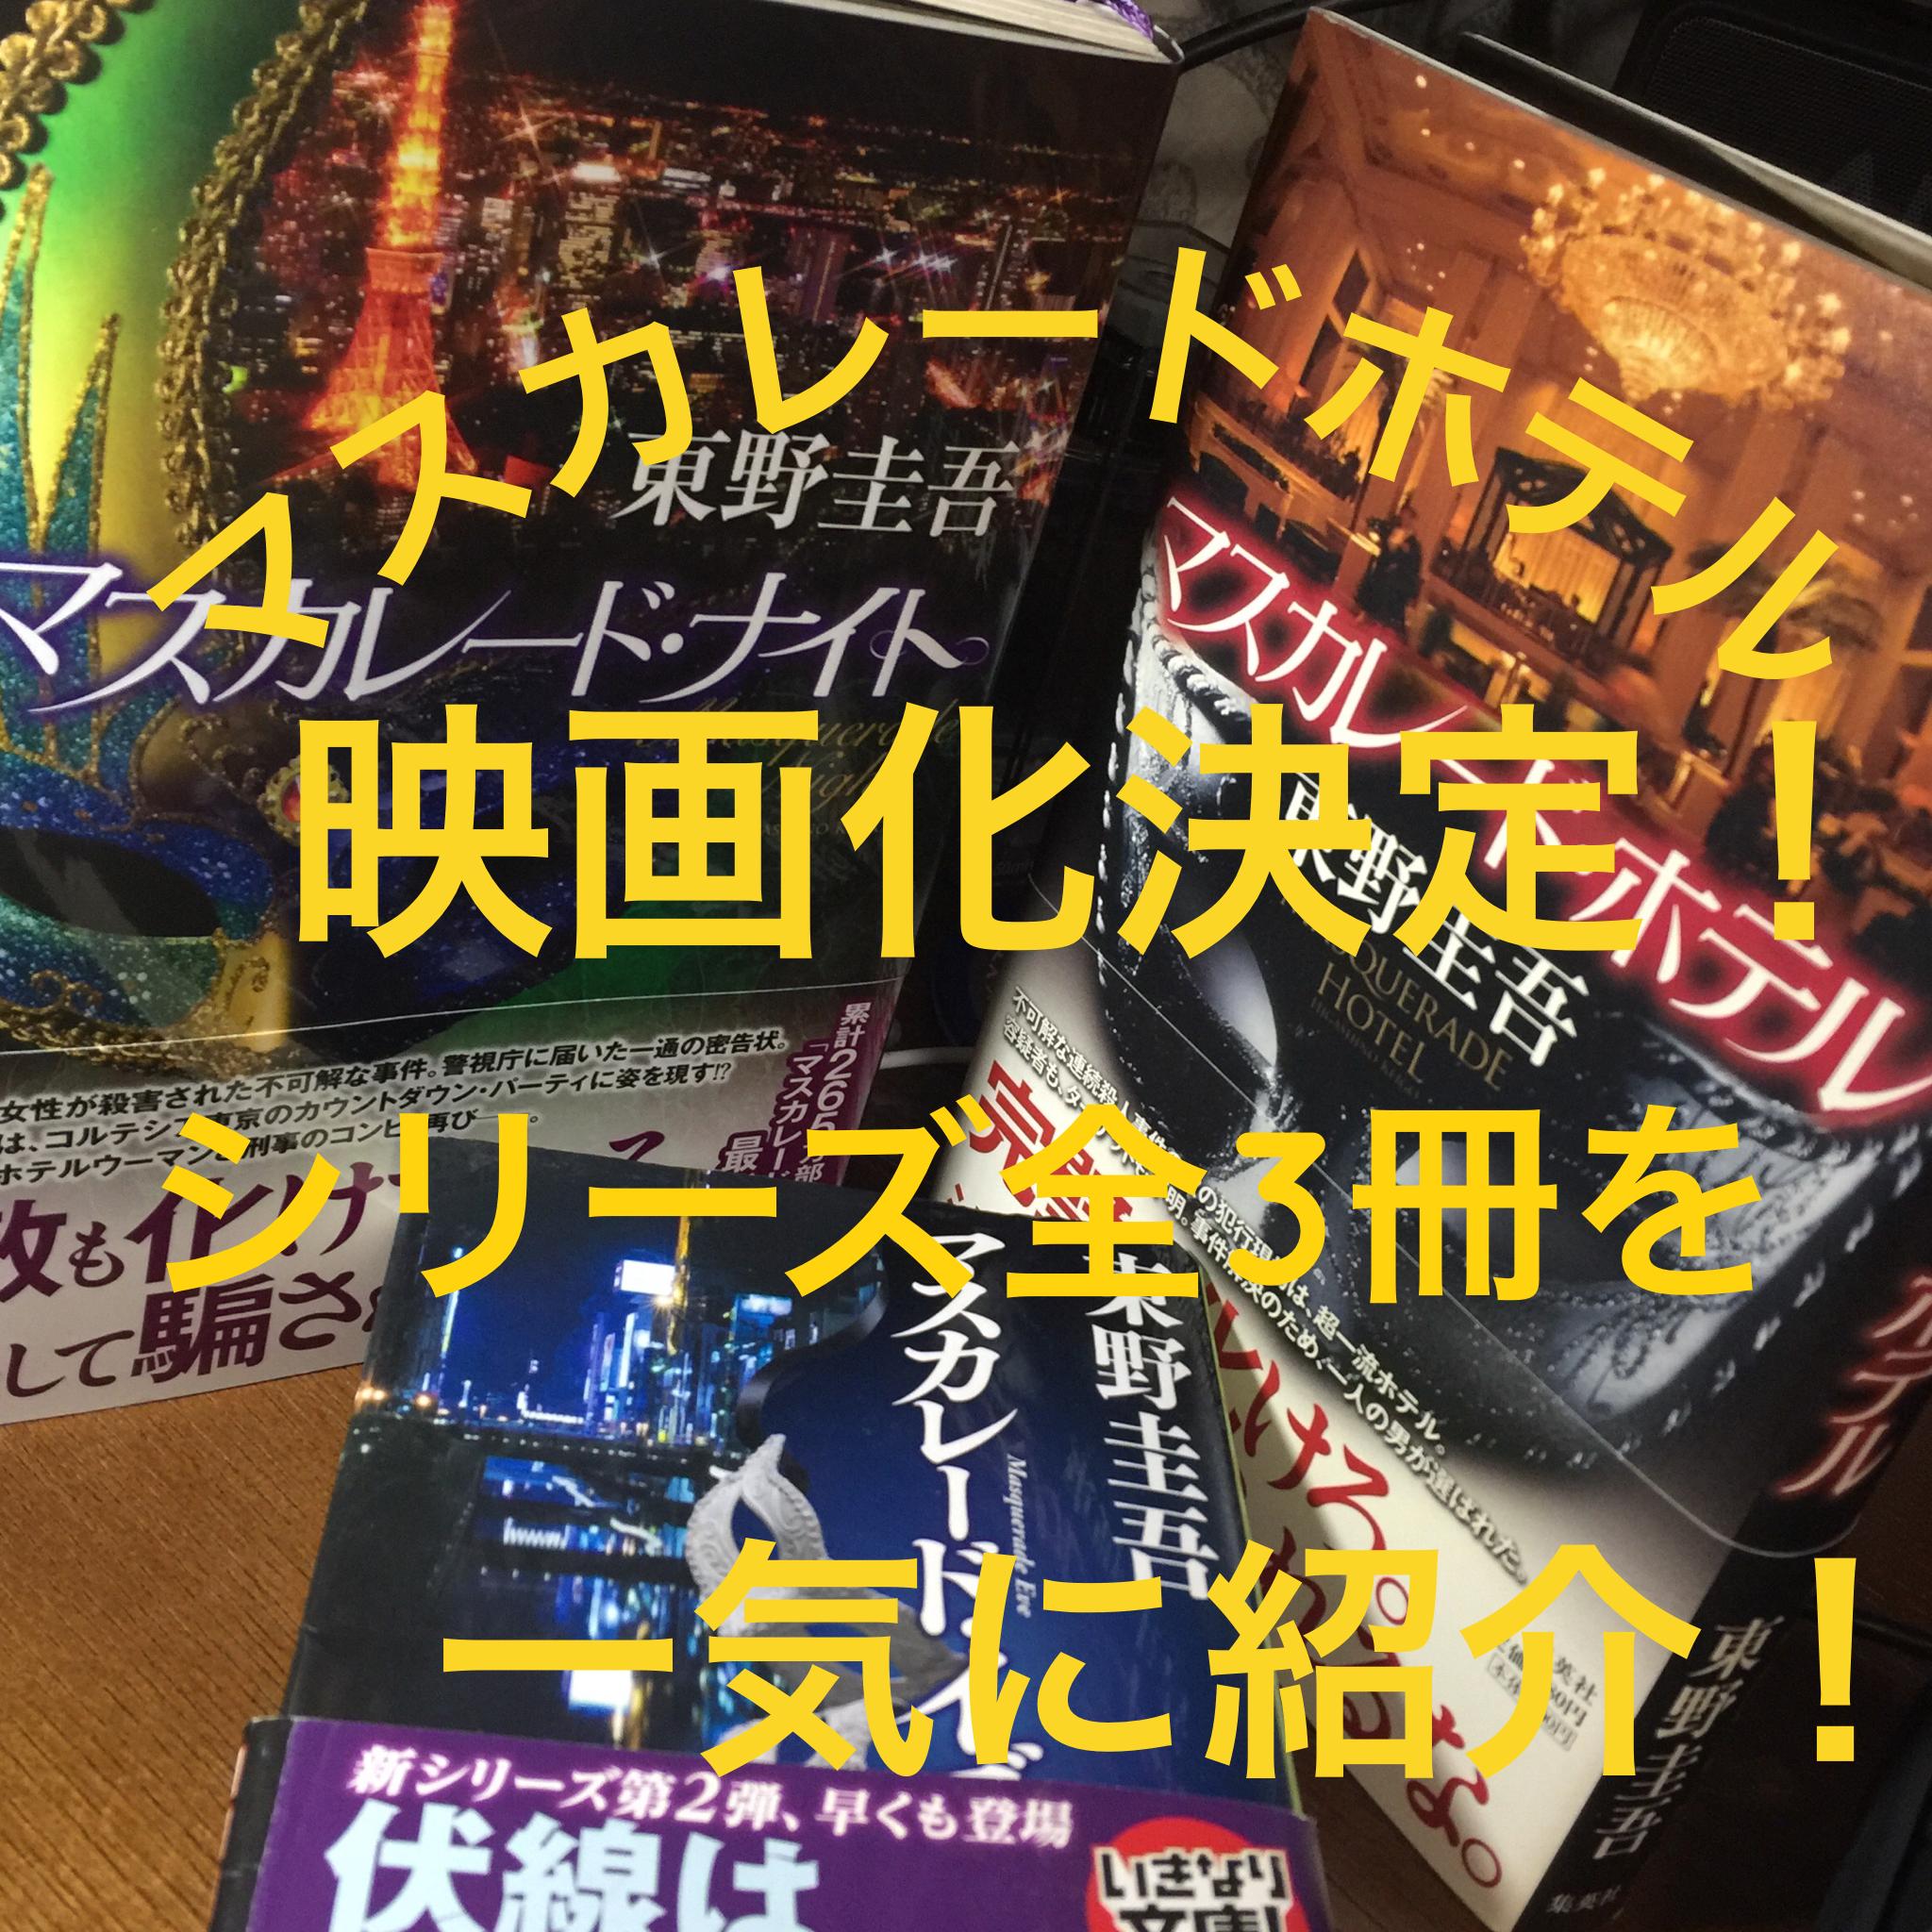 東野圭吾 映画化 マスカレード・ホテル